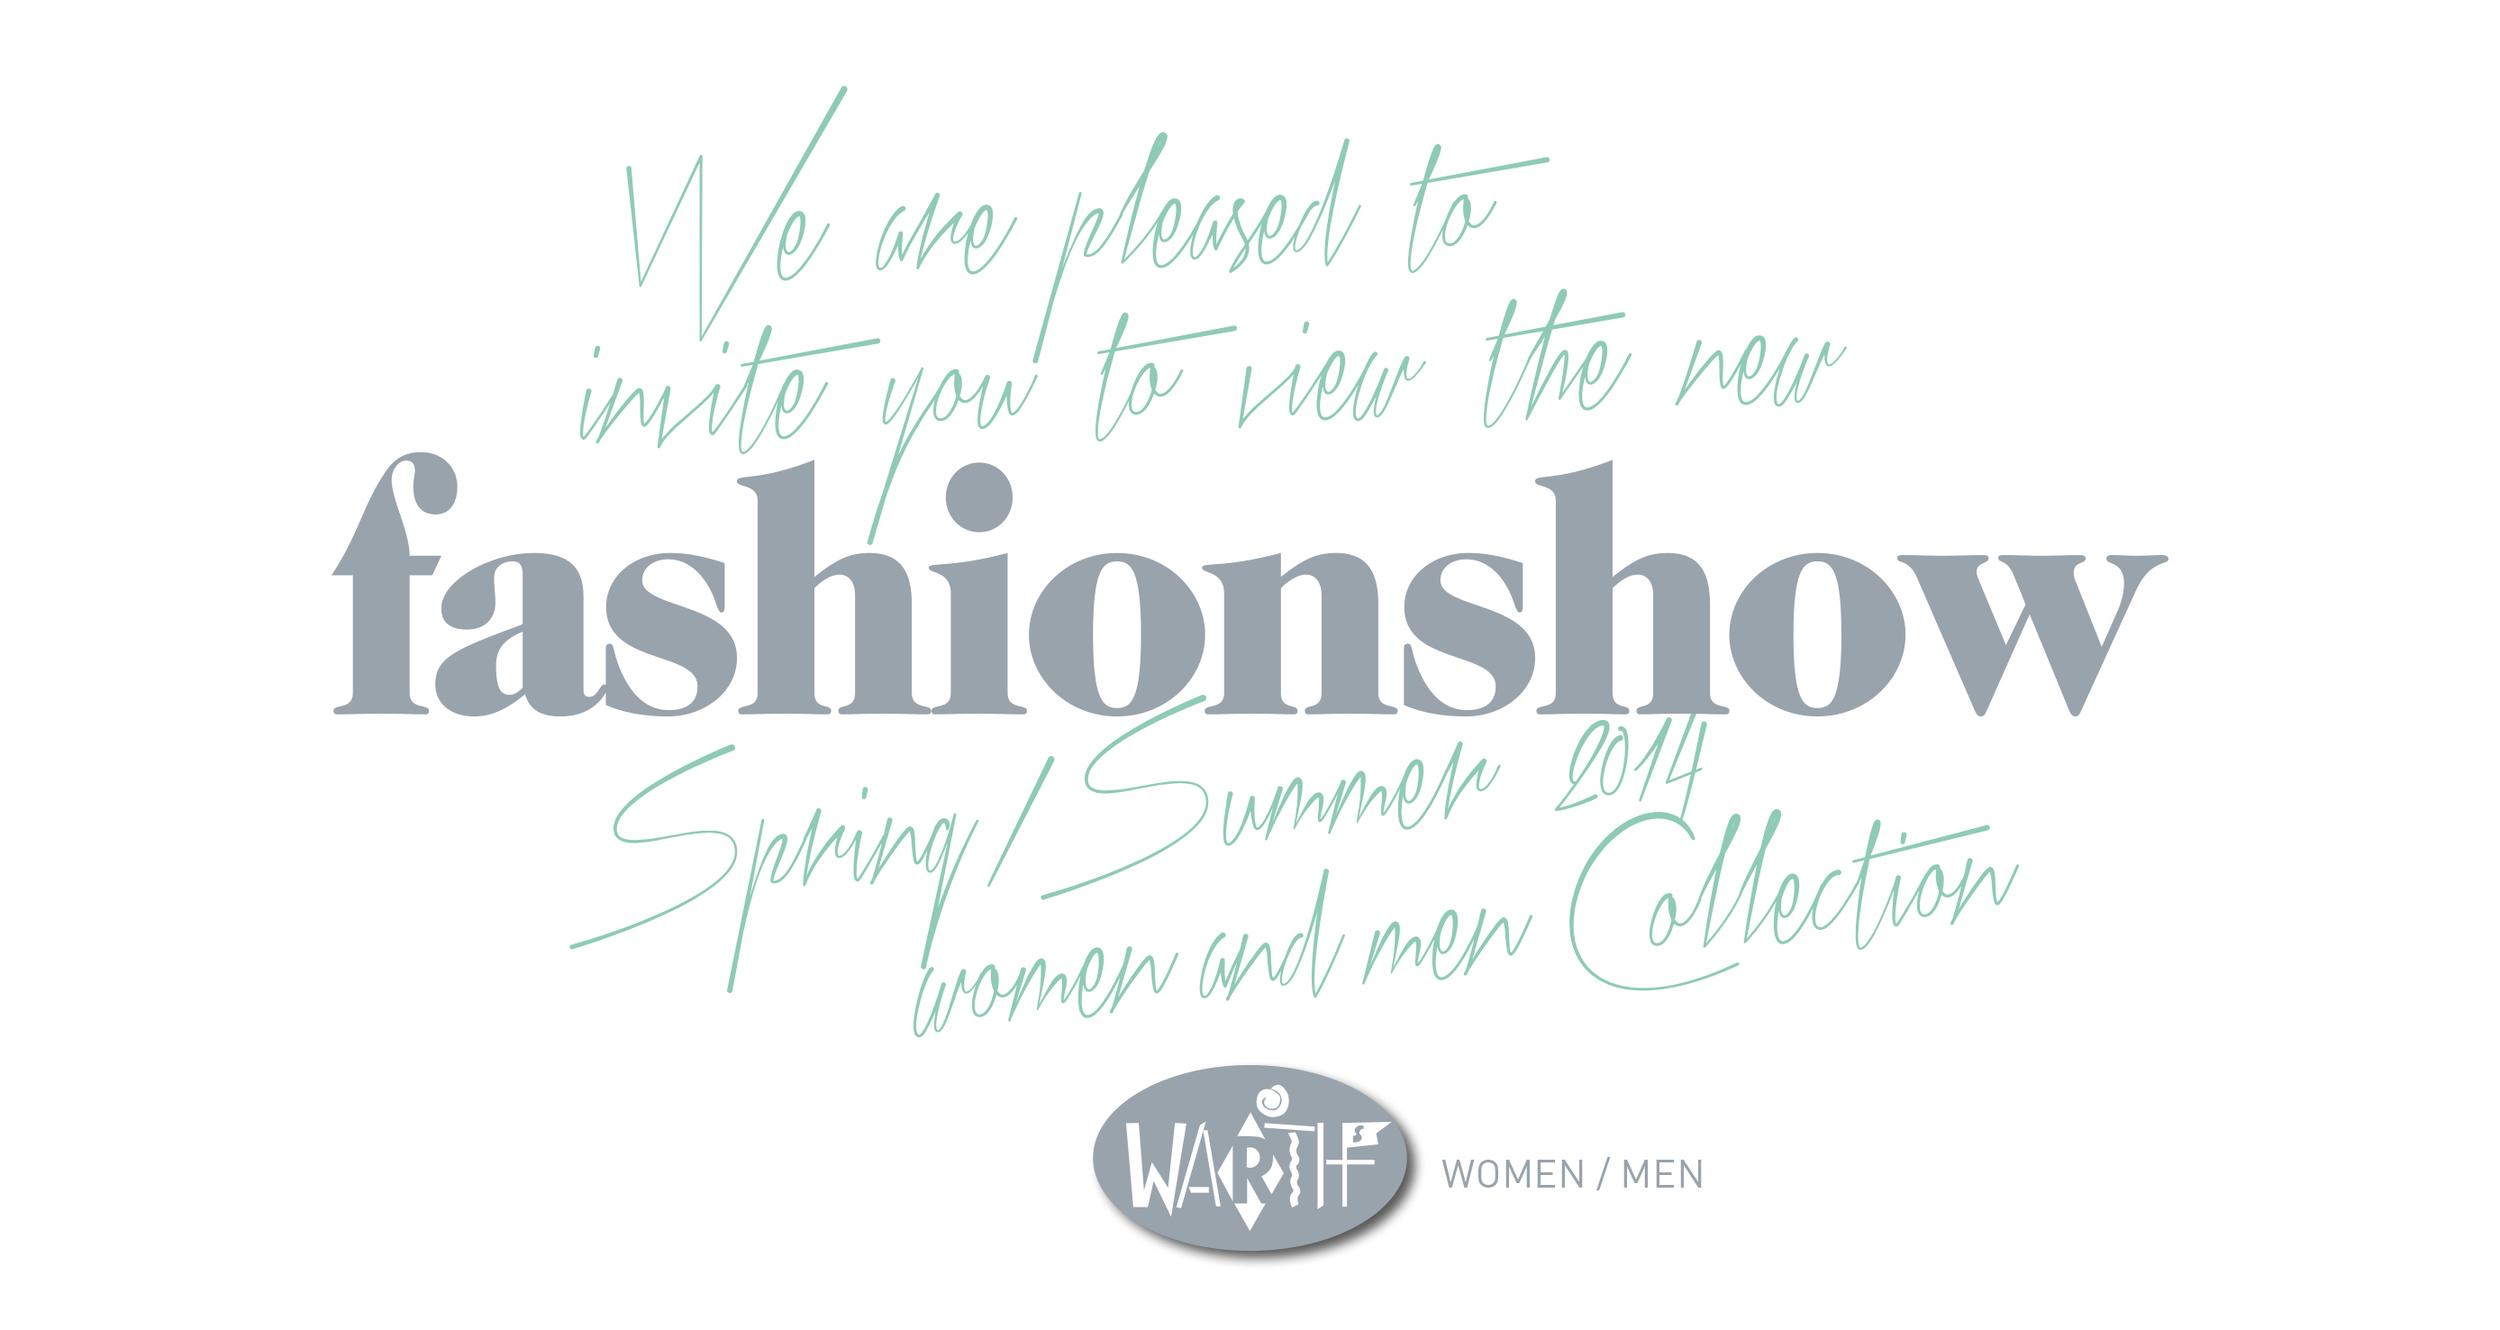 einladung fashionnight 2014.indd